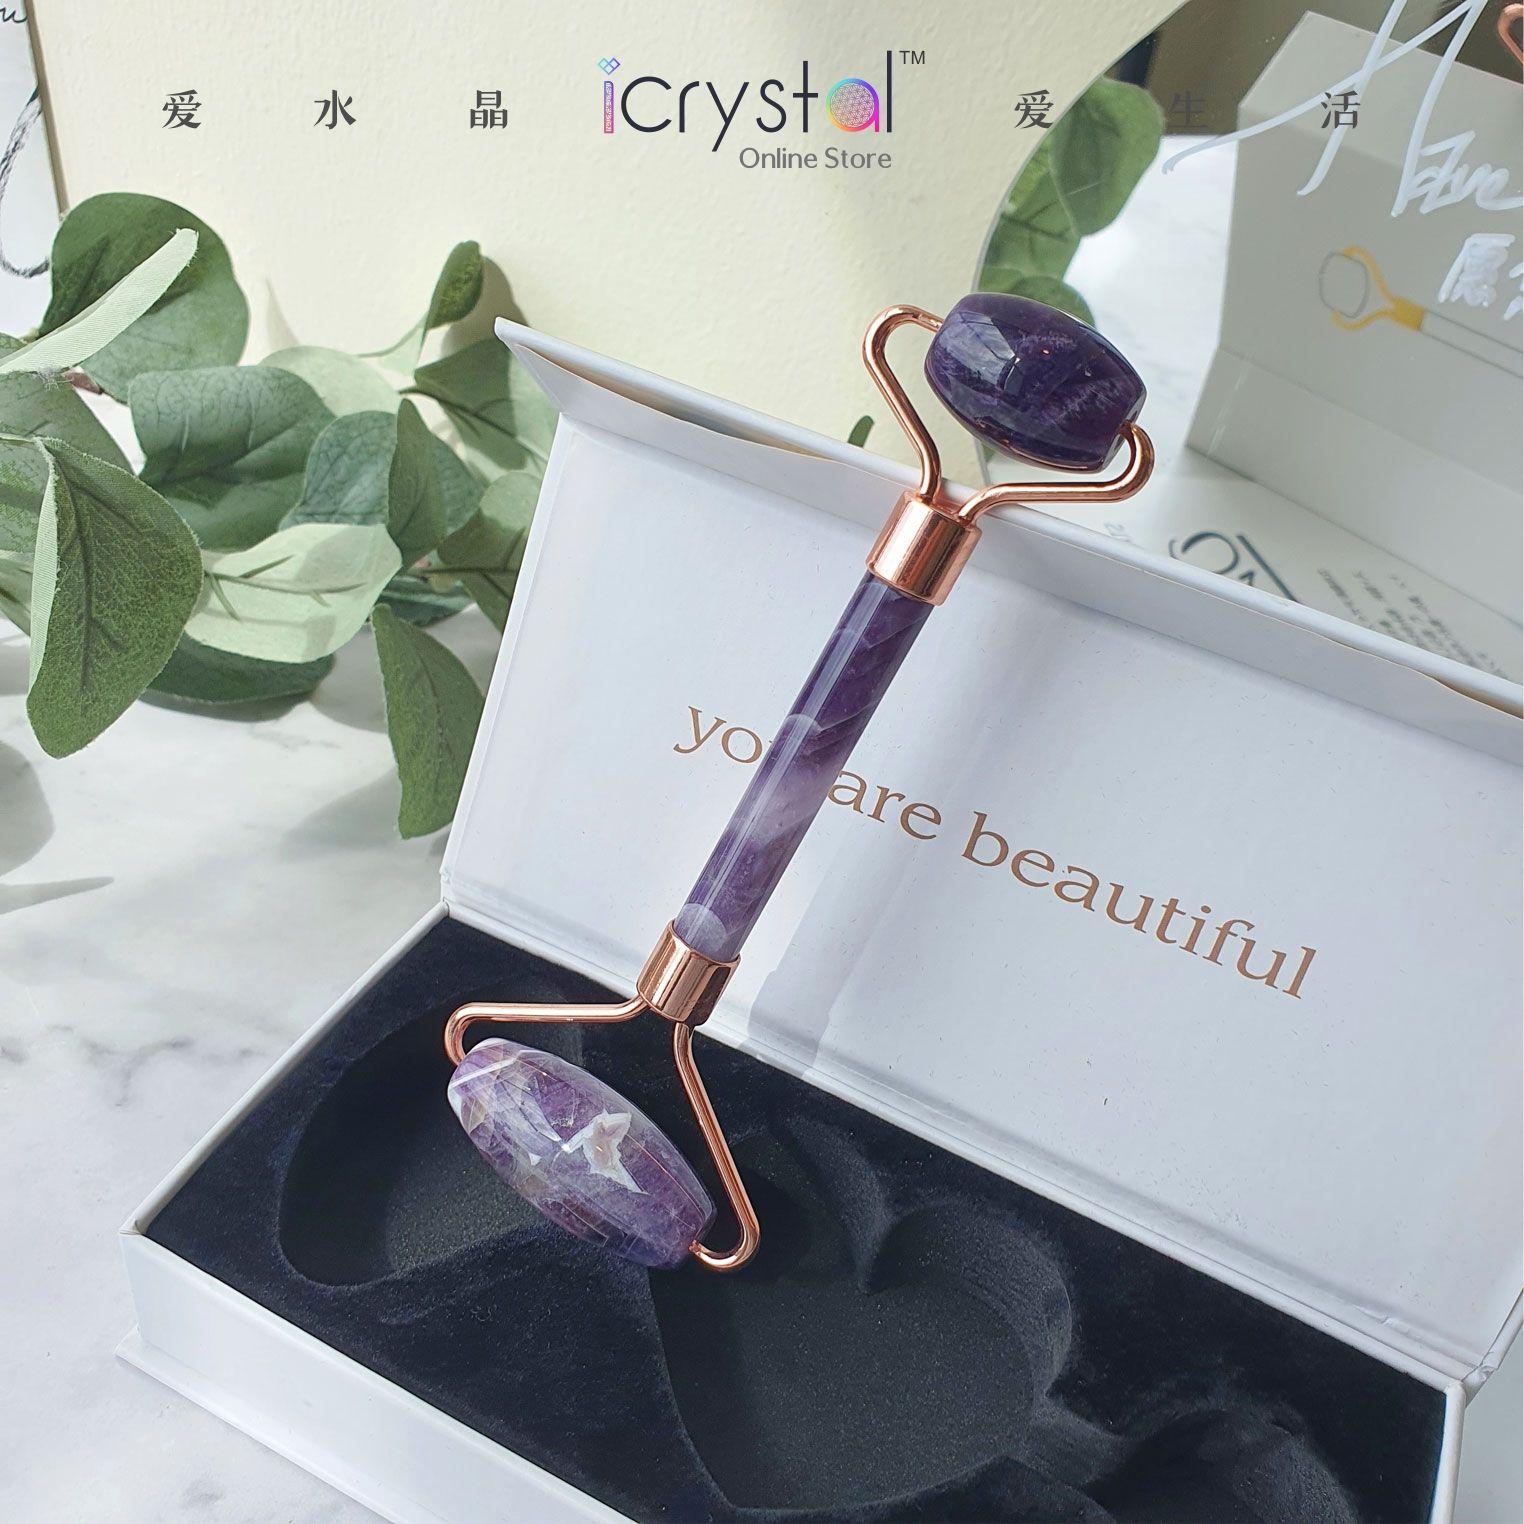 紫水晶双轮按摩棒搭配盒子配件